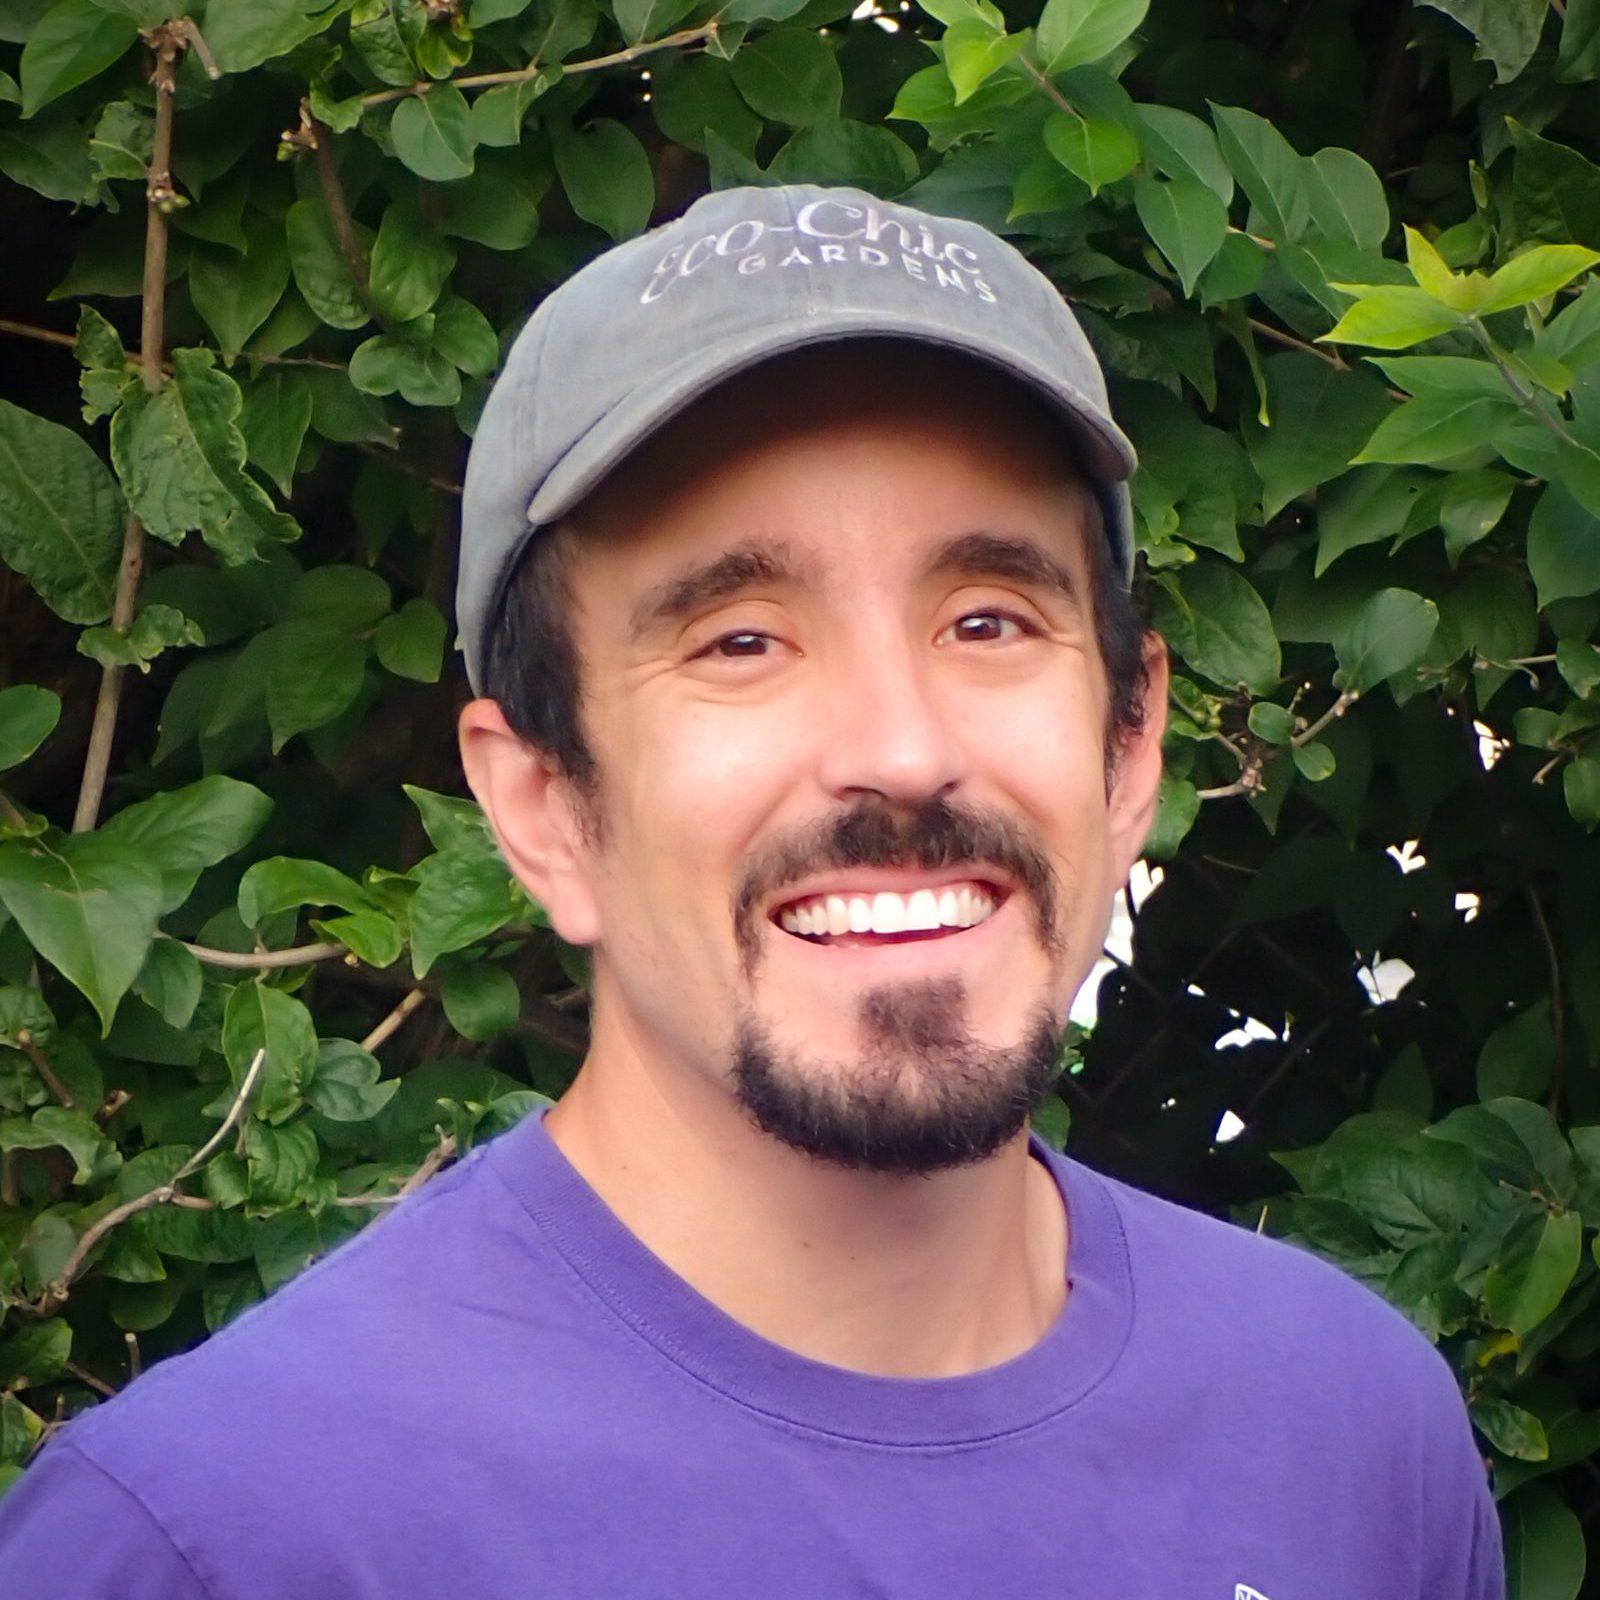 CJ DeLuca